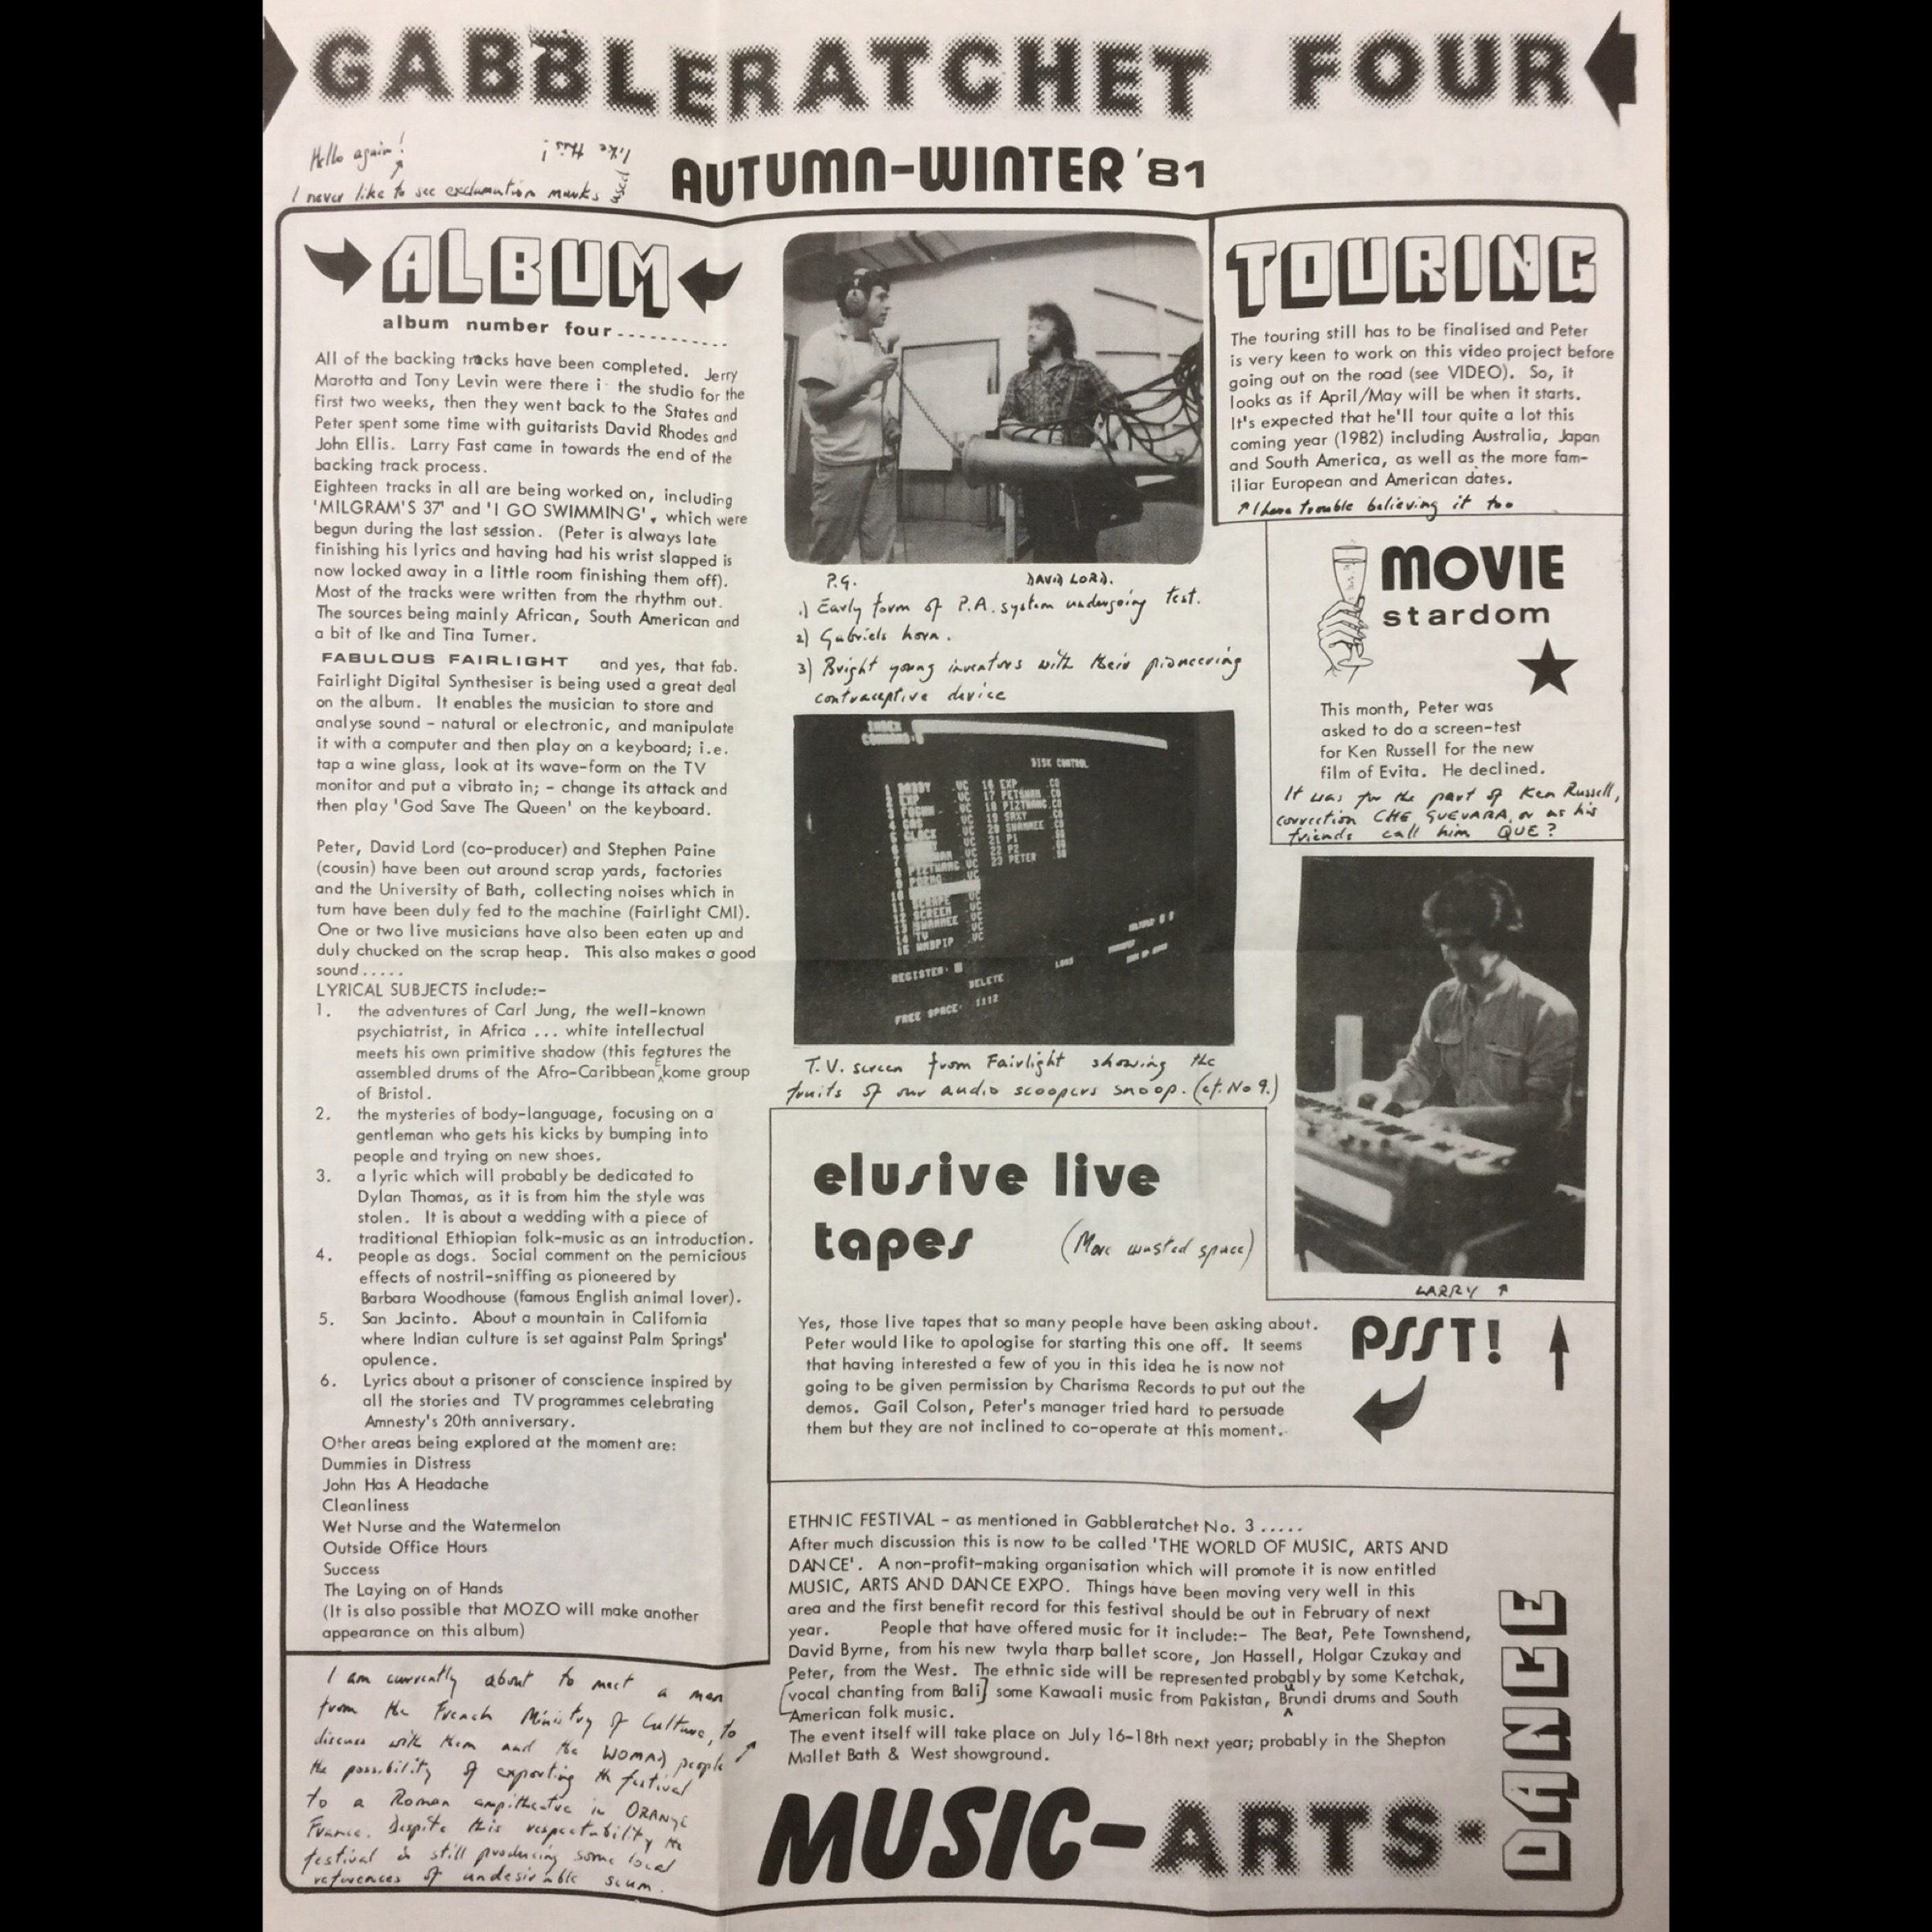 GabrielOct-07